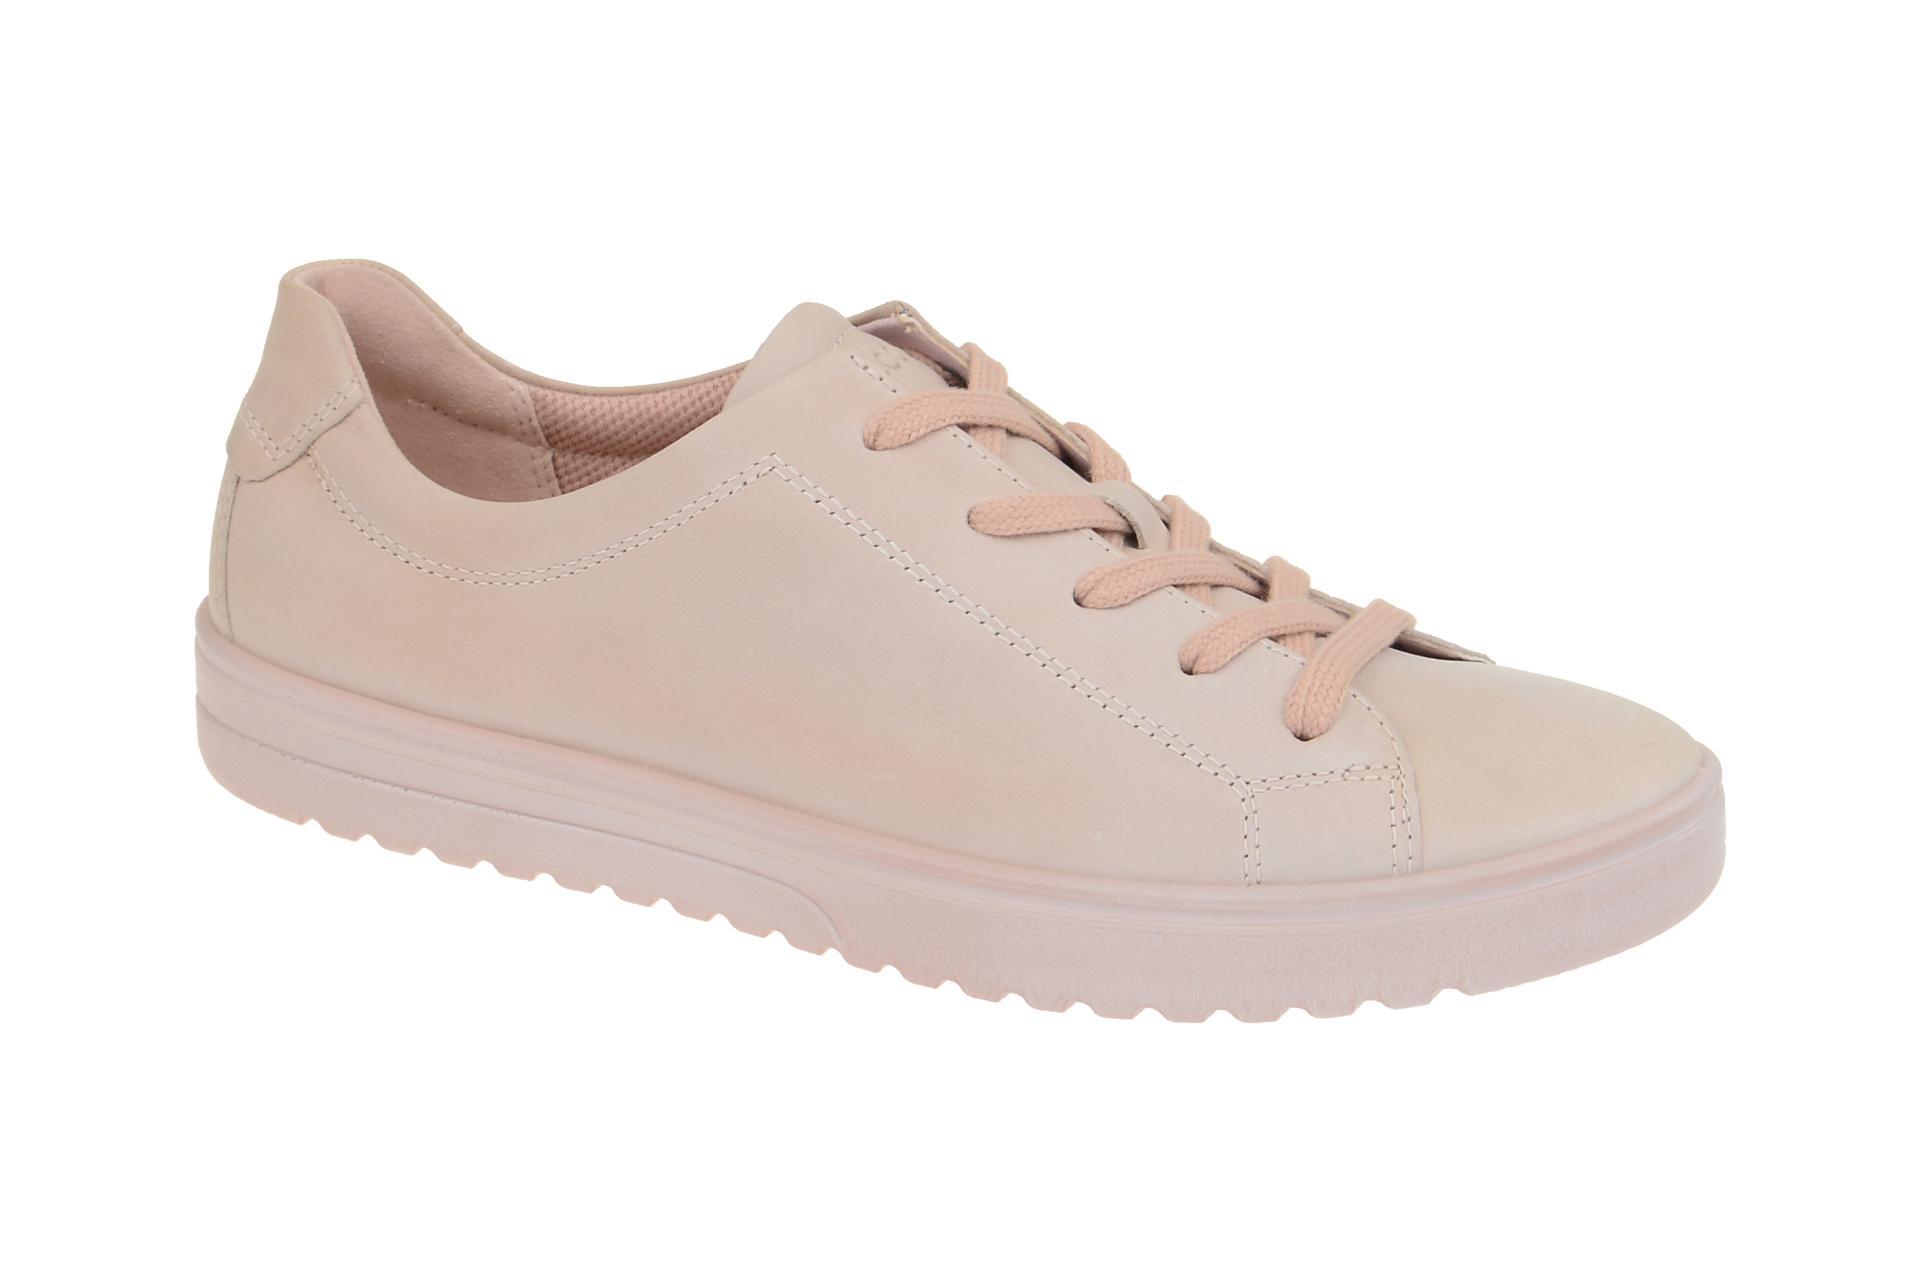 8f9ec768329b78 Ecco Fara Schuhe rosa rose-dust Gr 40 - 23538301118 - Schuhhaus Strauch Shop